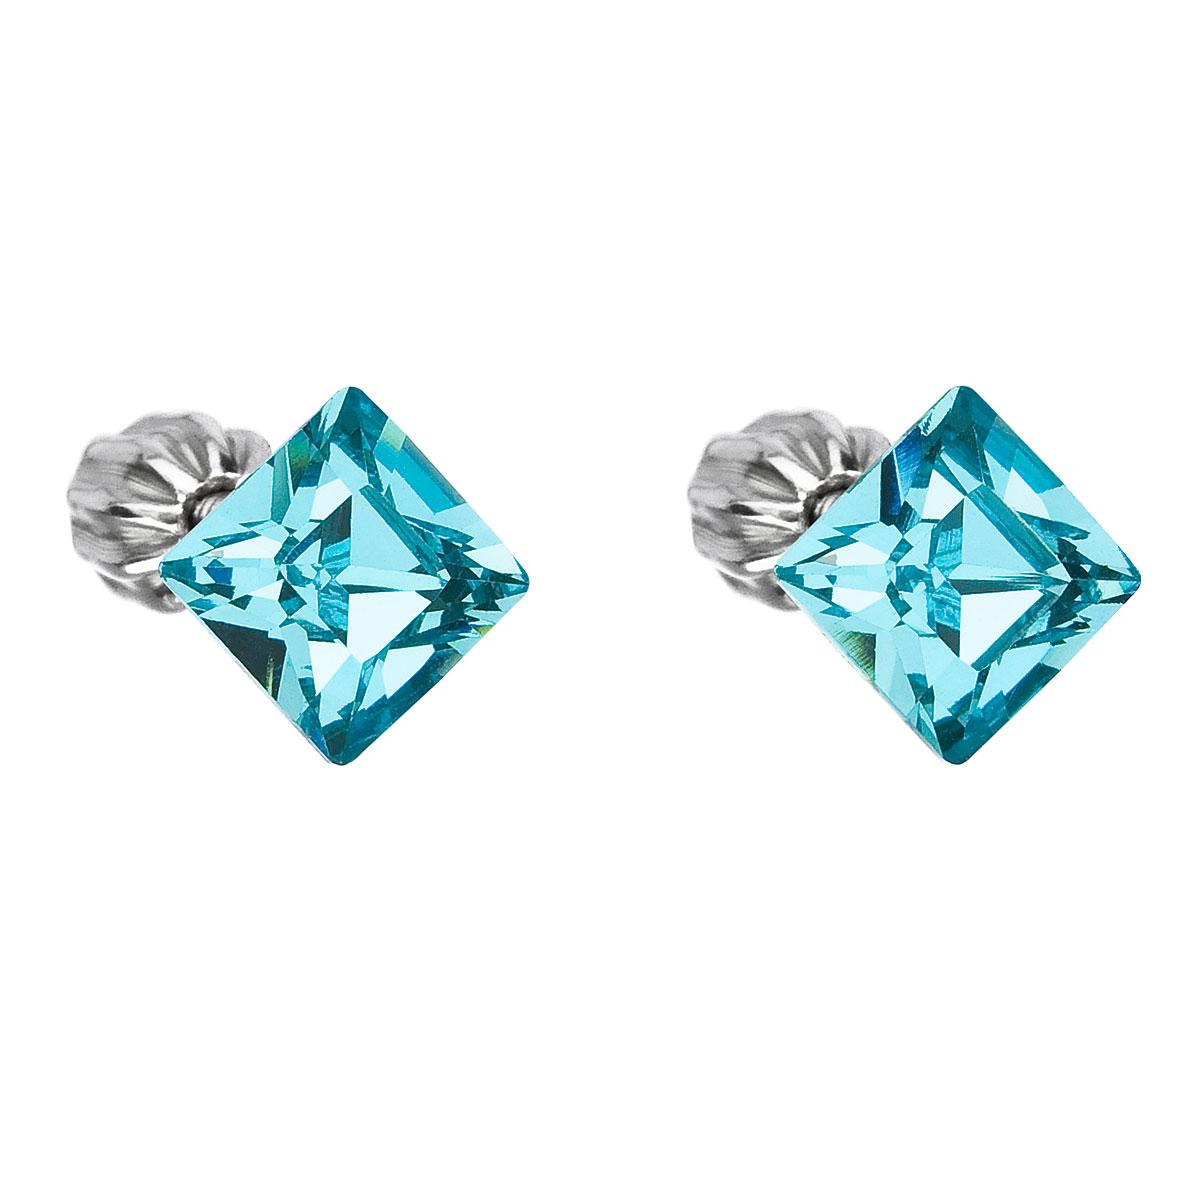 Evolution Group Stříbrné náušnice pecka s krystaly Swarovski modrý čtverec 31065.3 light turquoise